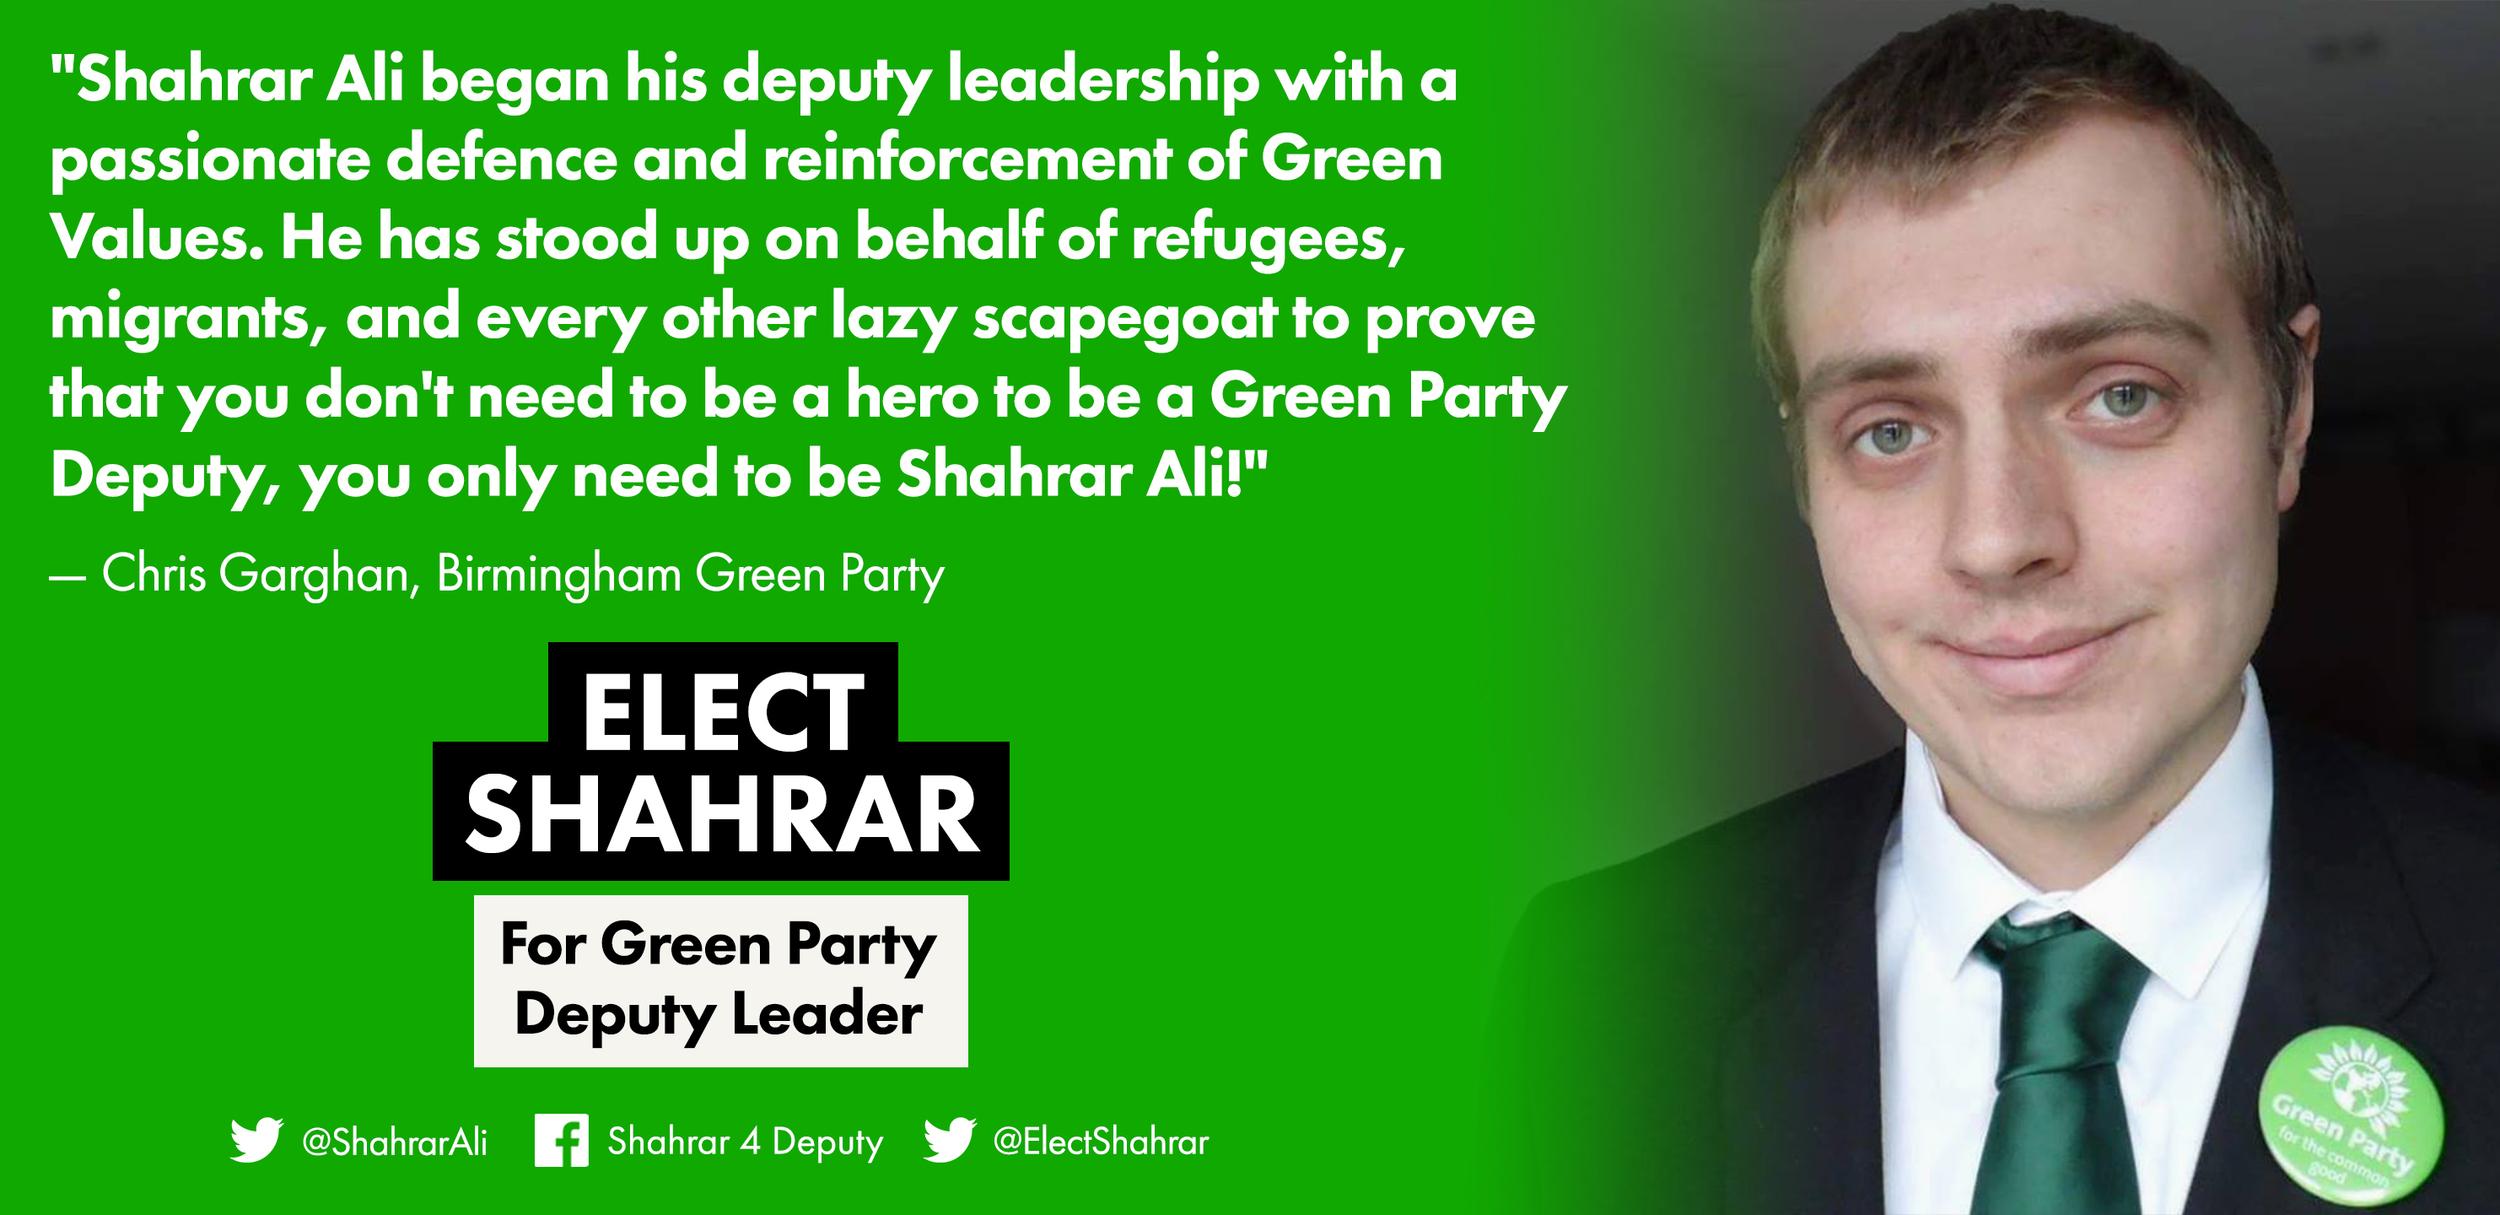 ElectShahrar Chris Garghan Endorsement.jpg